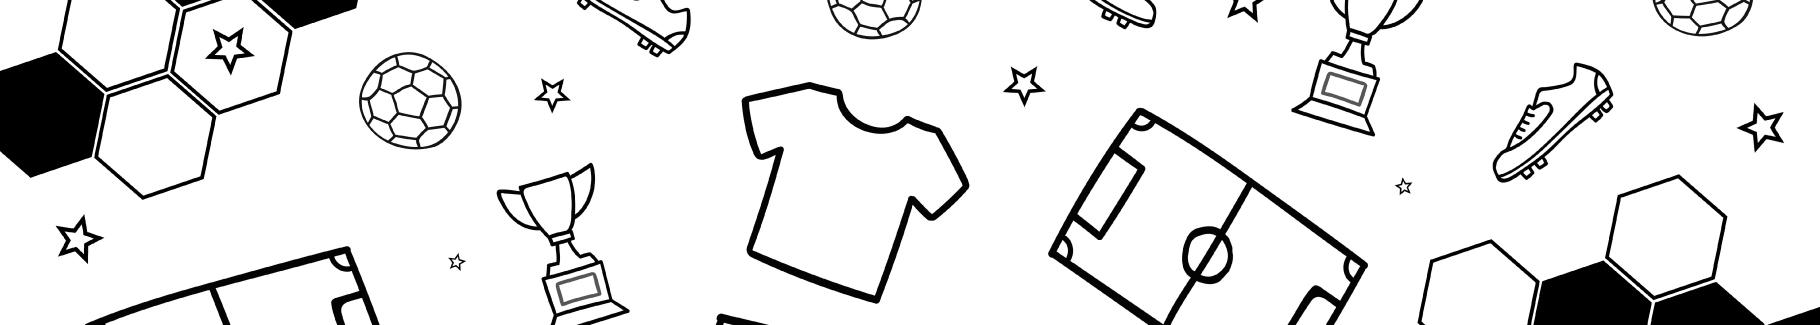 Naklejka piłka nożna i symbole